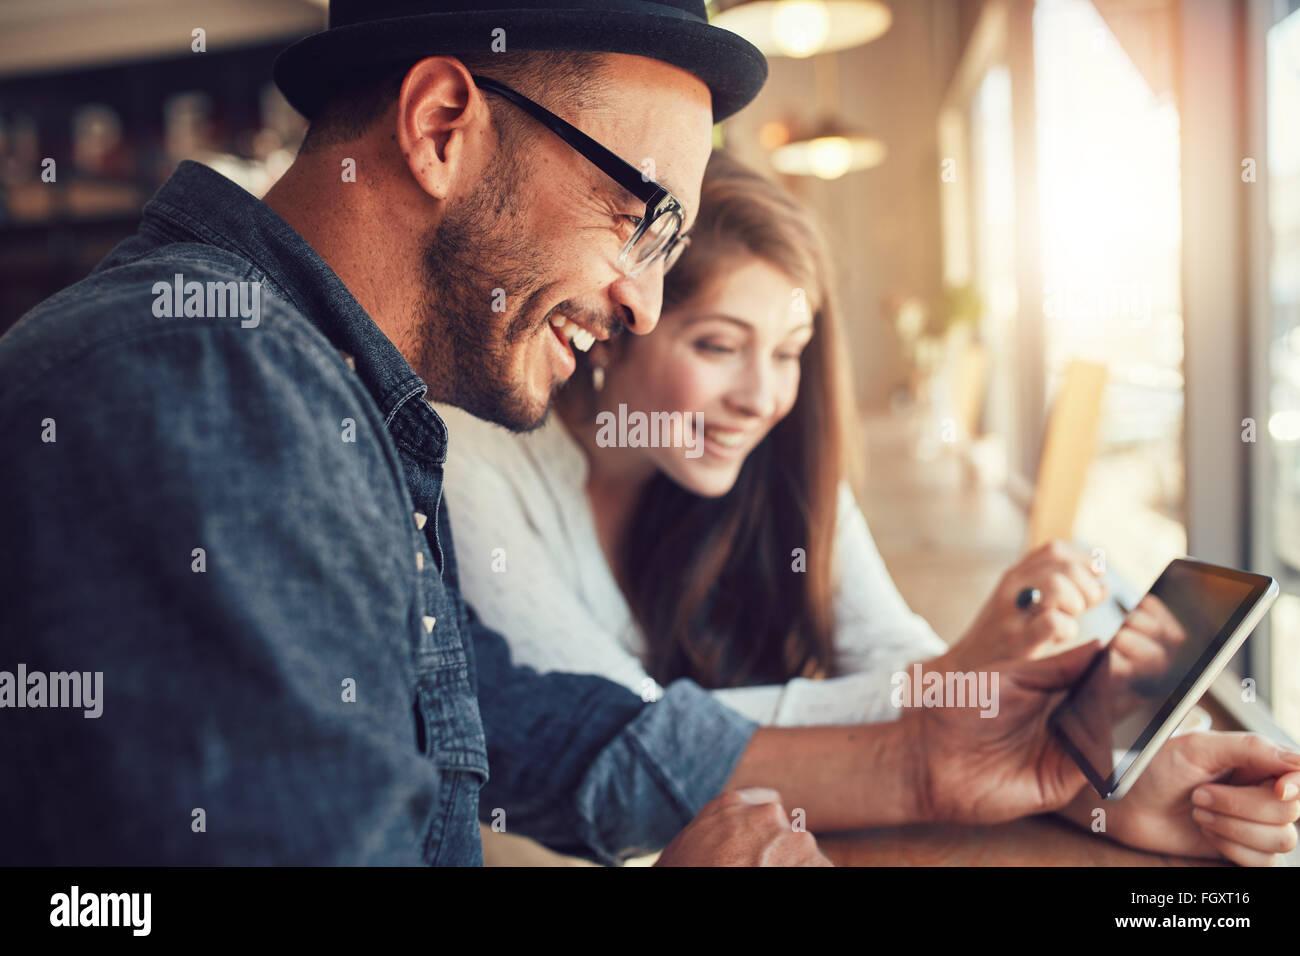 Close Up retrato de joven pareja feliz utilizando una tableta digital junto a una cafetería. Joven Hombre y Imagen De Stock